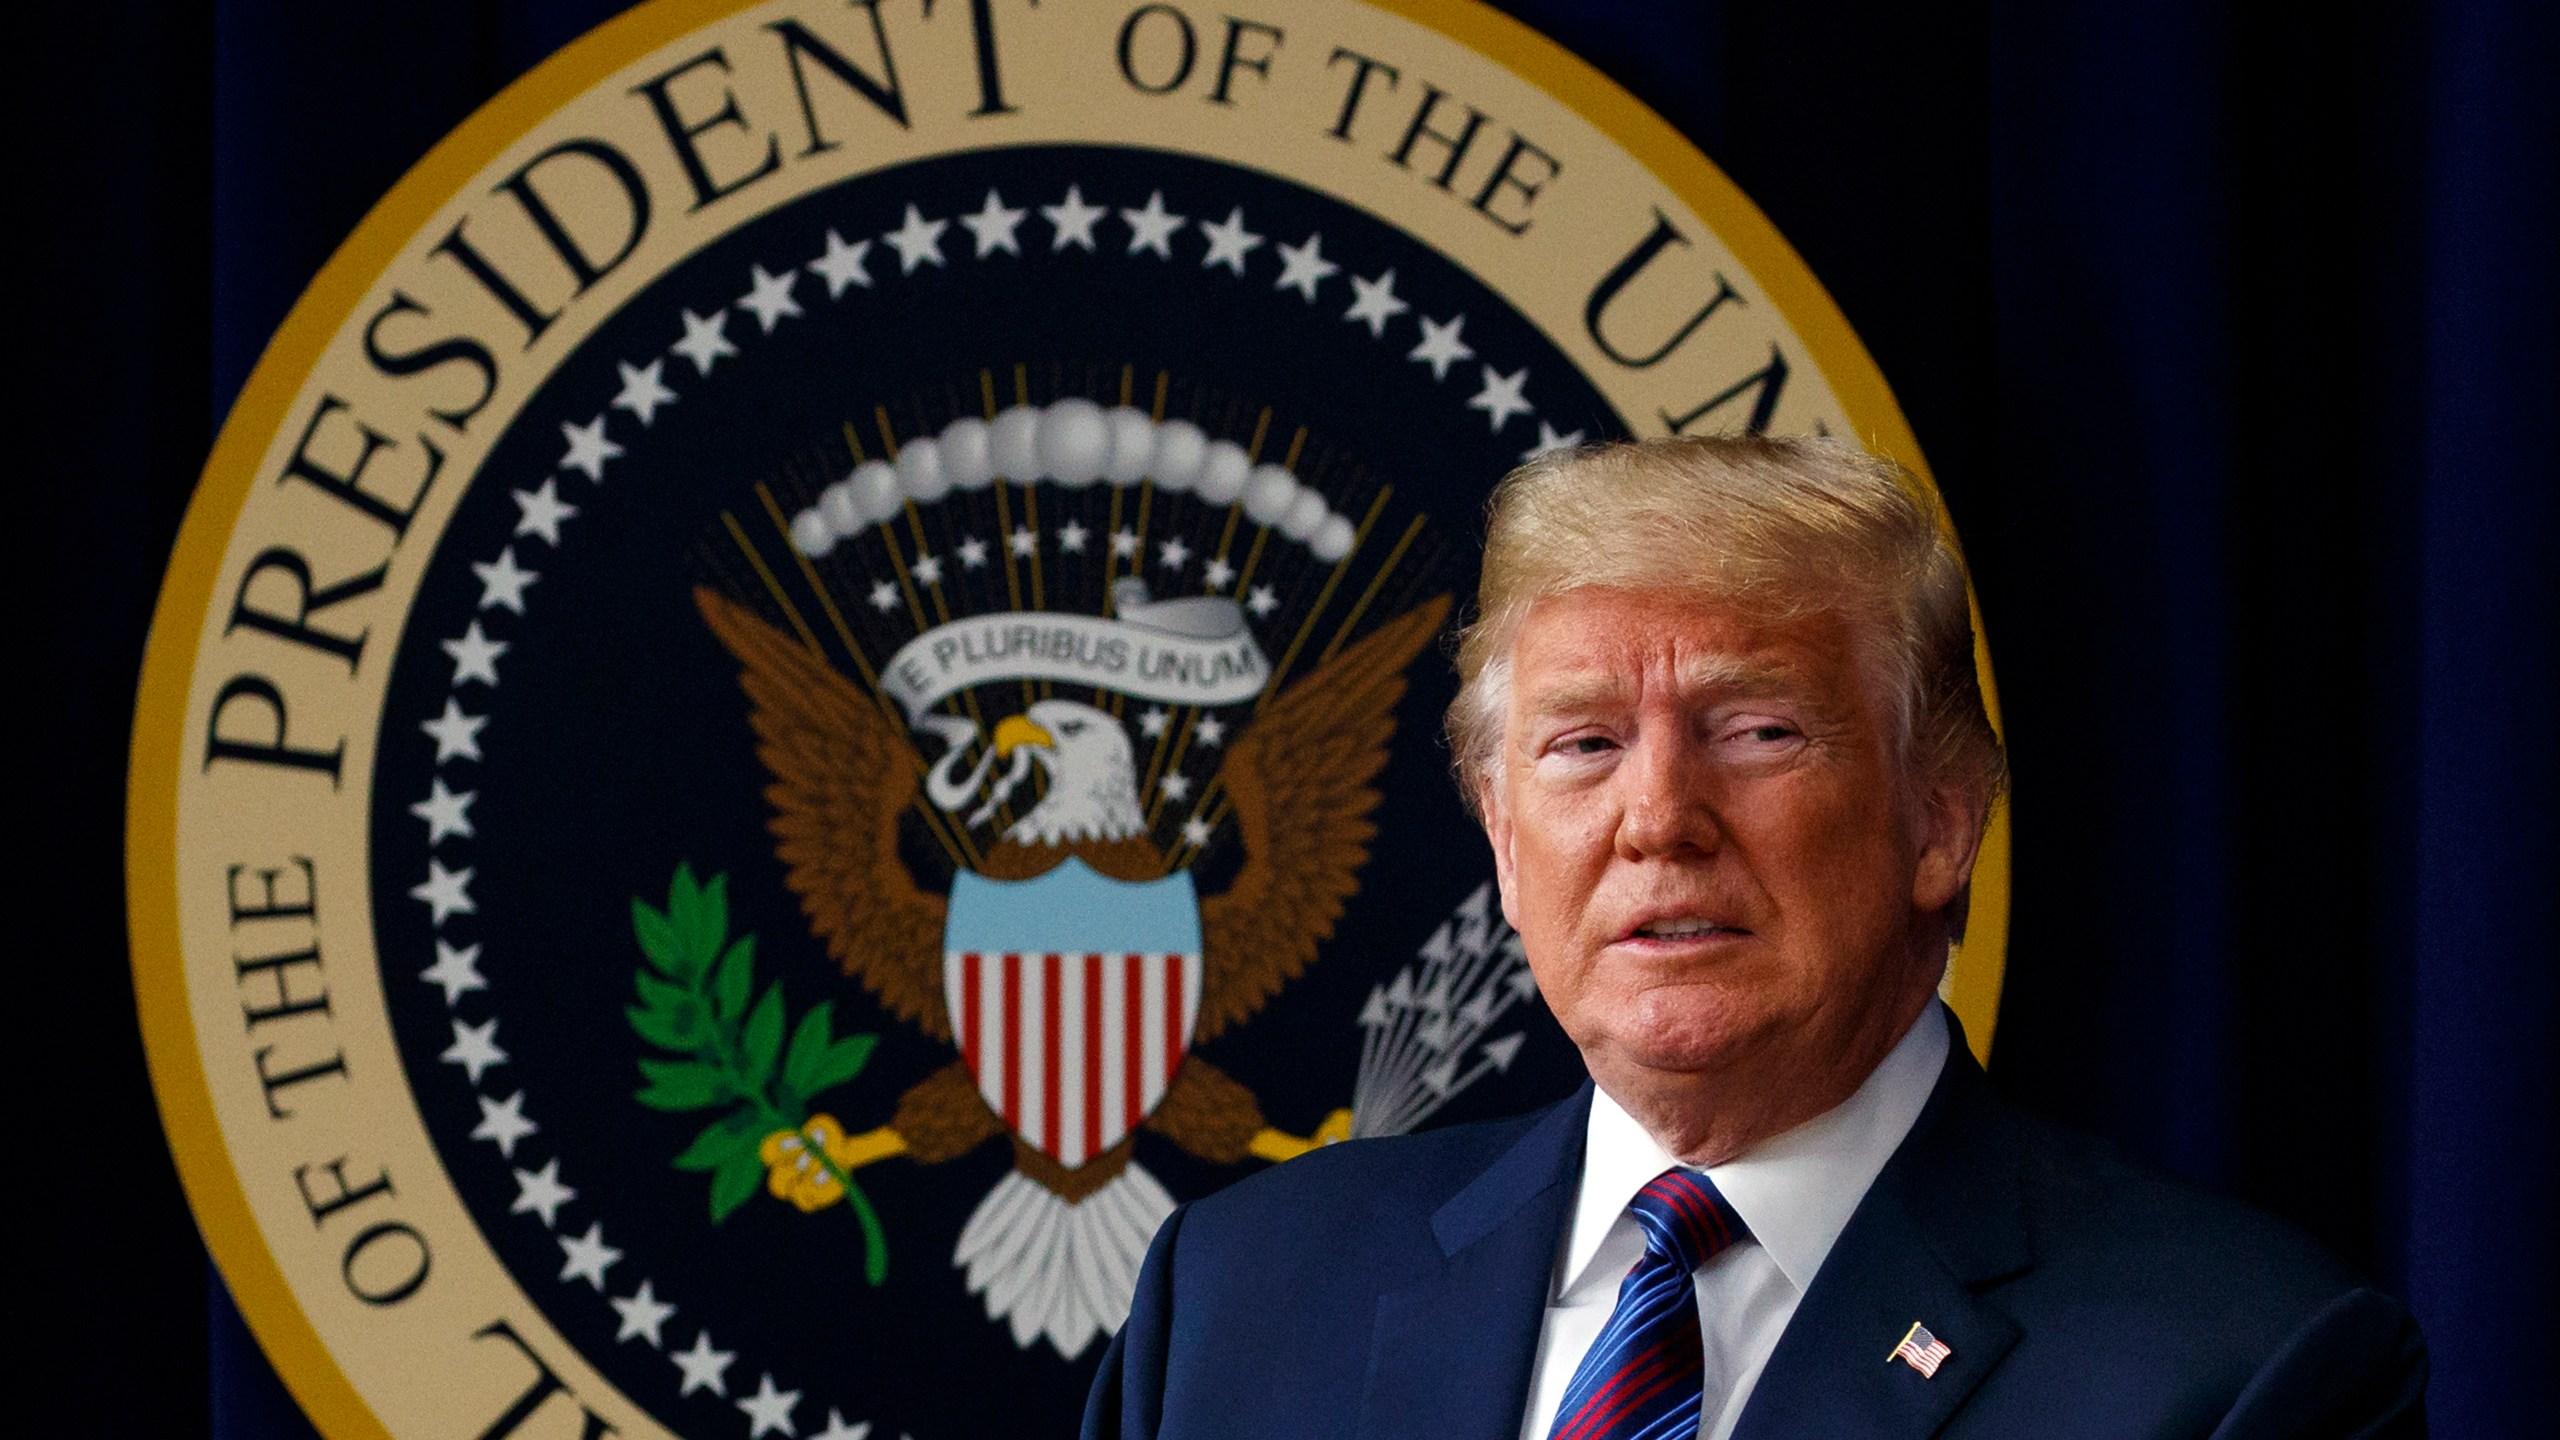 Trump_54024-159532.jpg39640482